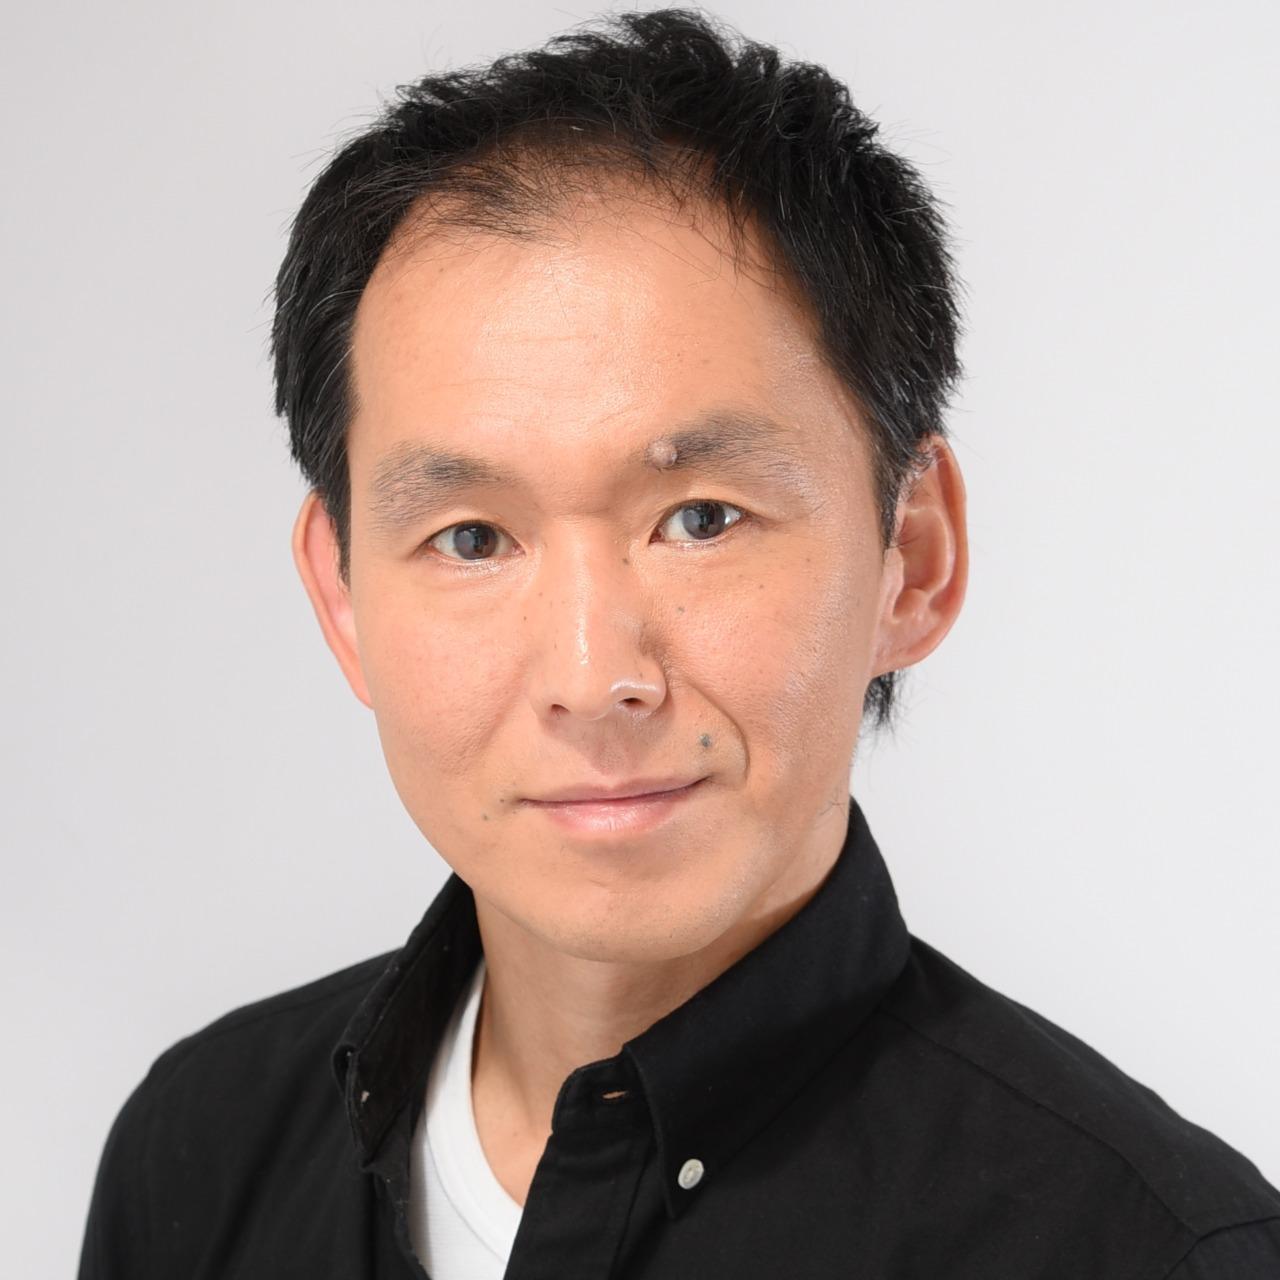 東京渋谷で当たる占い師をお探しなら婚活もできる占い館BCAFE(ビーカフェ)渋谷店の当たる占い師『英(はなぶさ)先生先生』がオススメです!